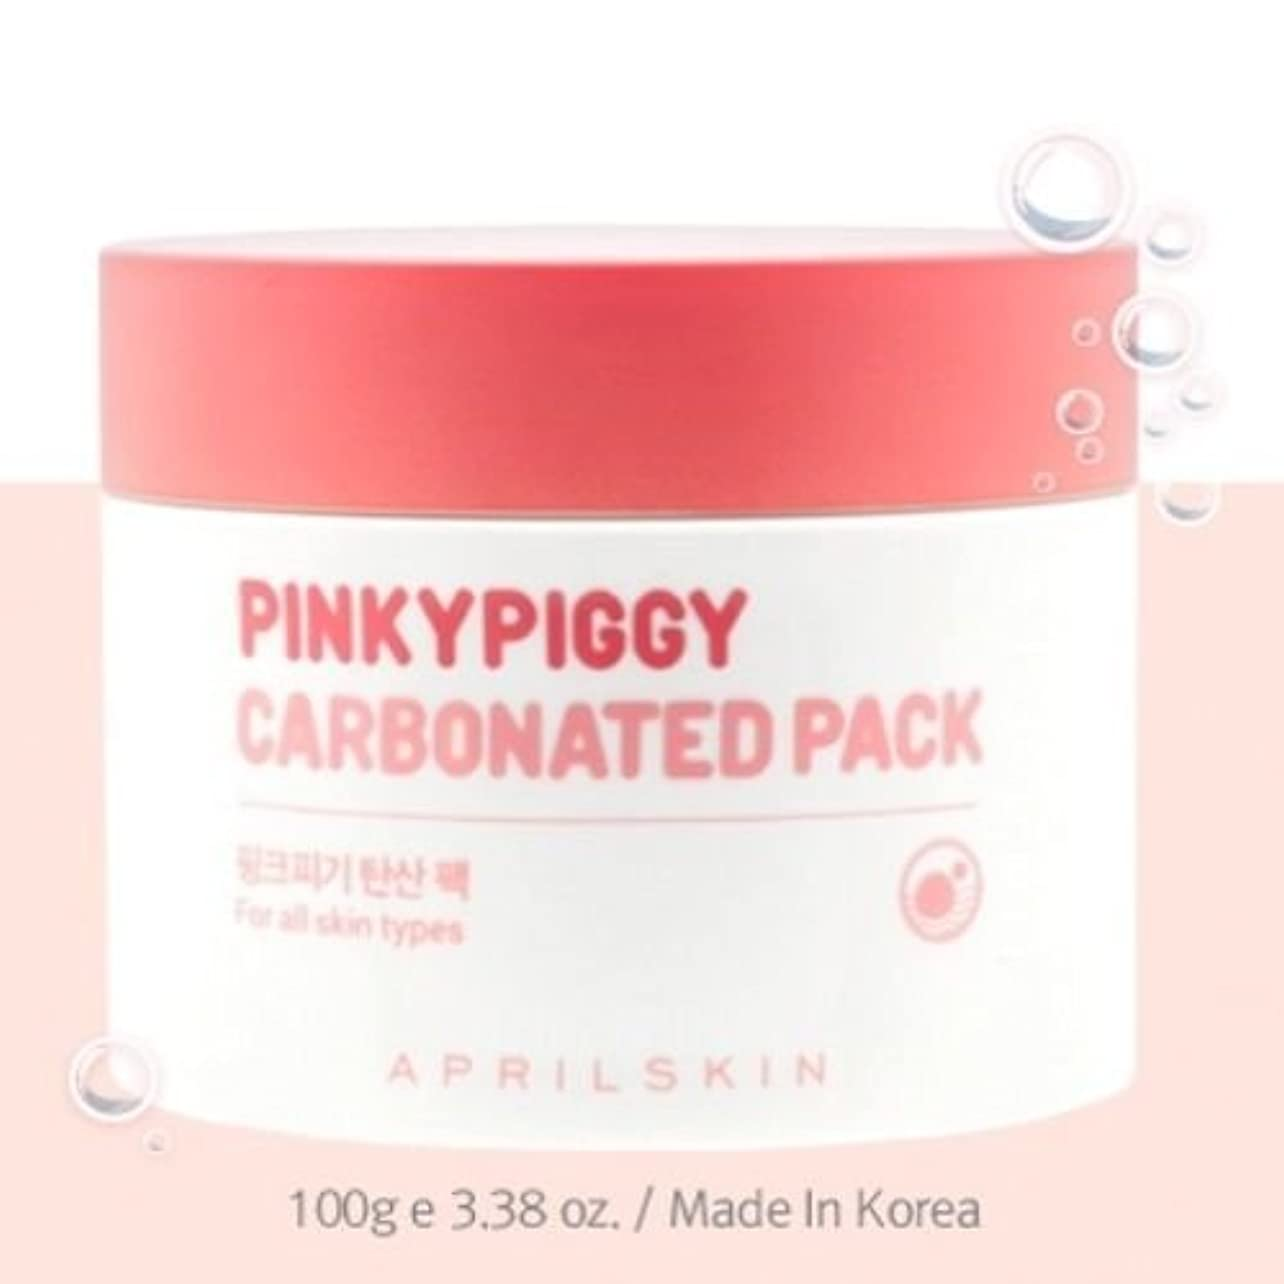 先入観補正酸化物April Skin Pinky Piggy Carbonated Pack 100g(3.38oz)/100% Authentic Direct from Korea [並行輸入品]